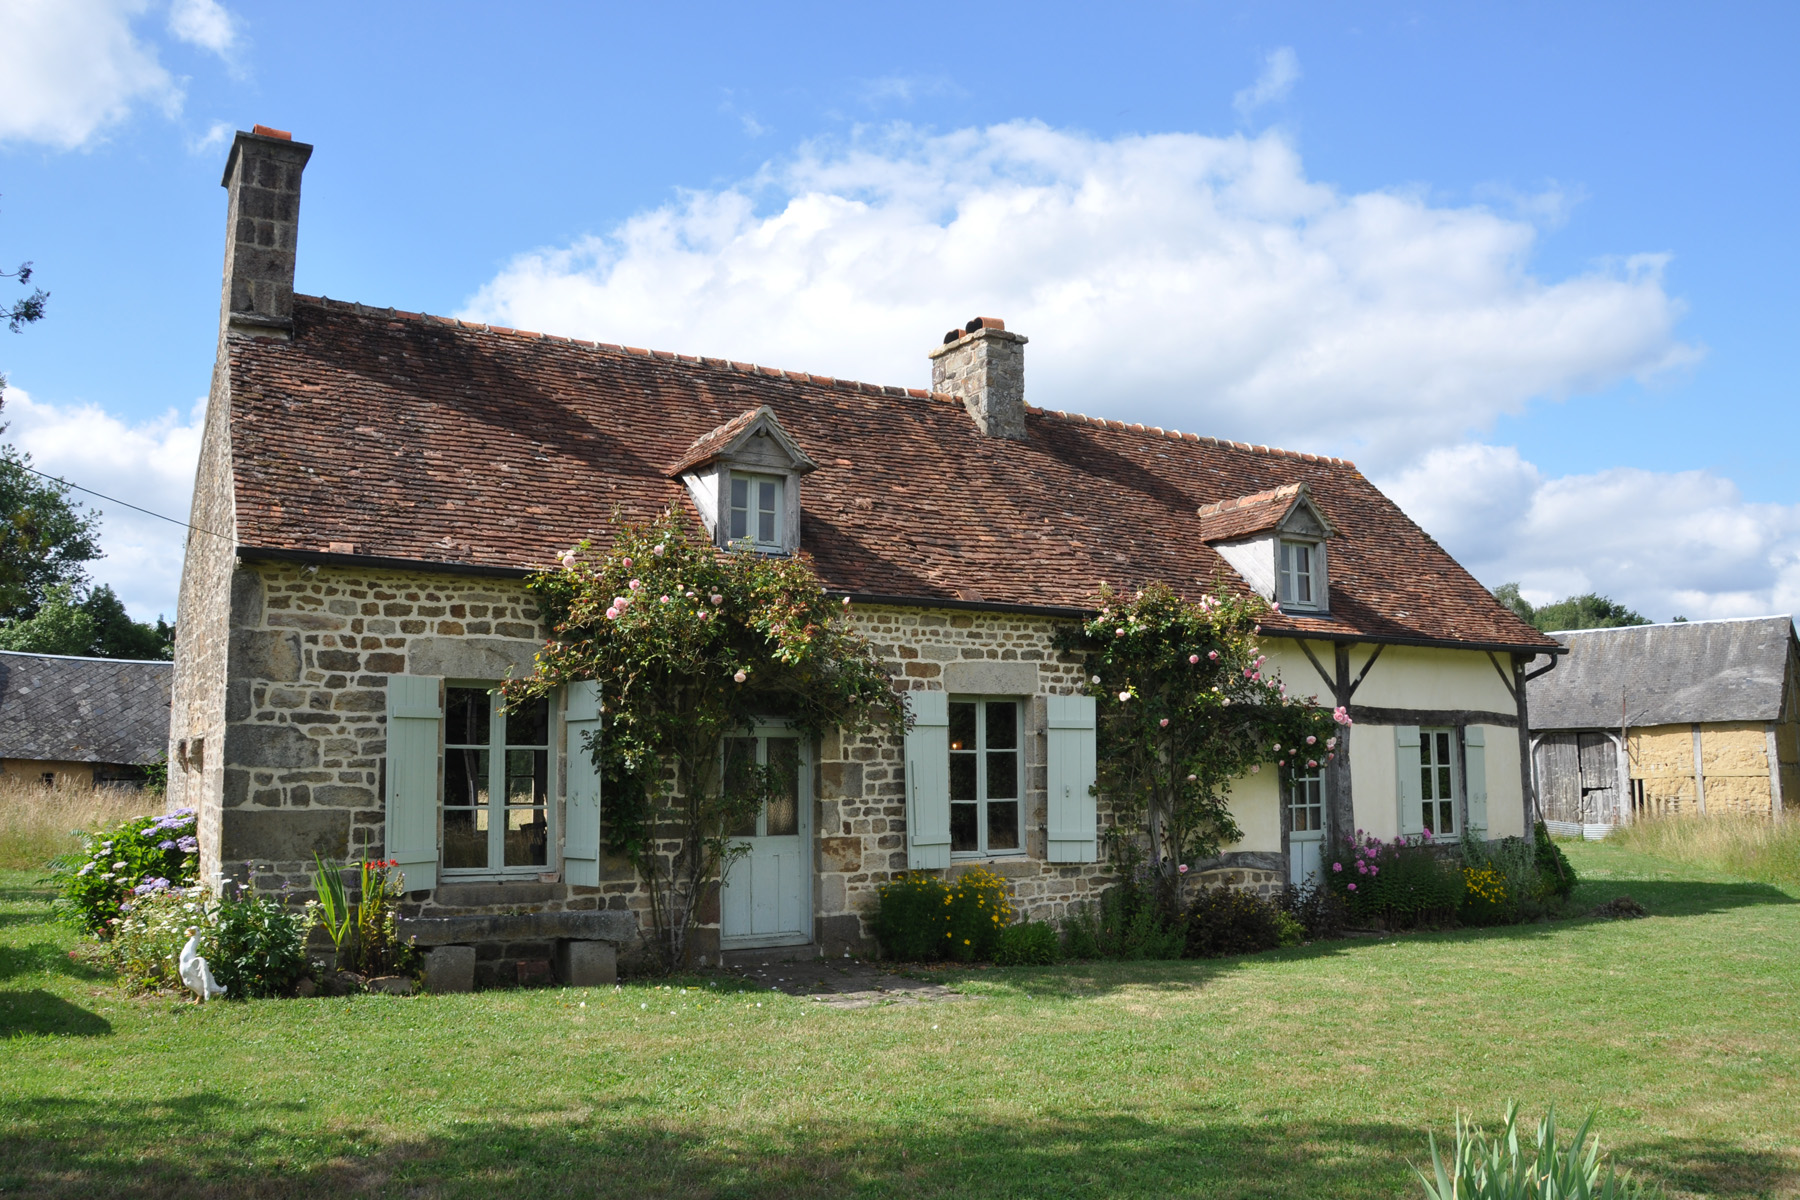 extension d'une maison à colombages